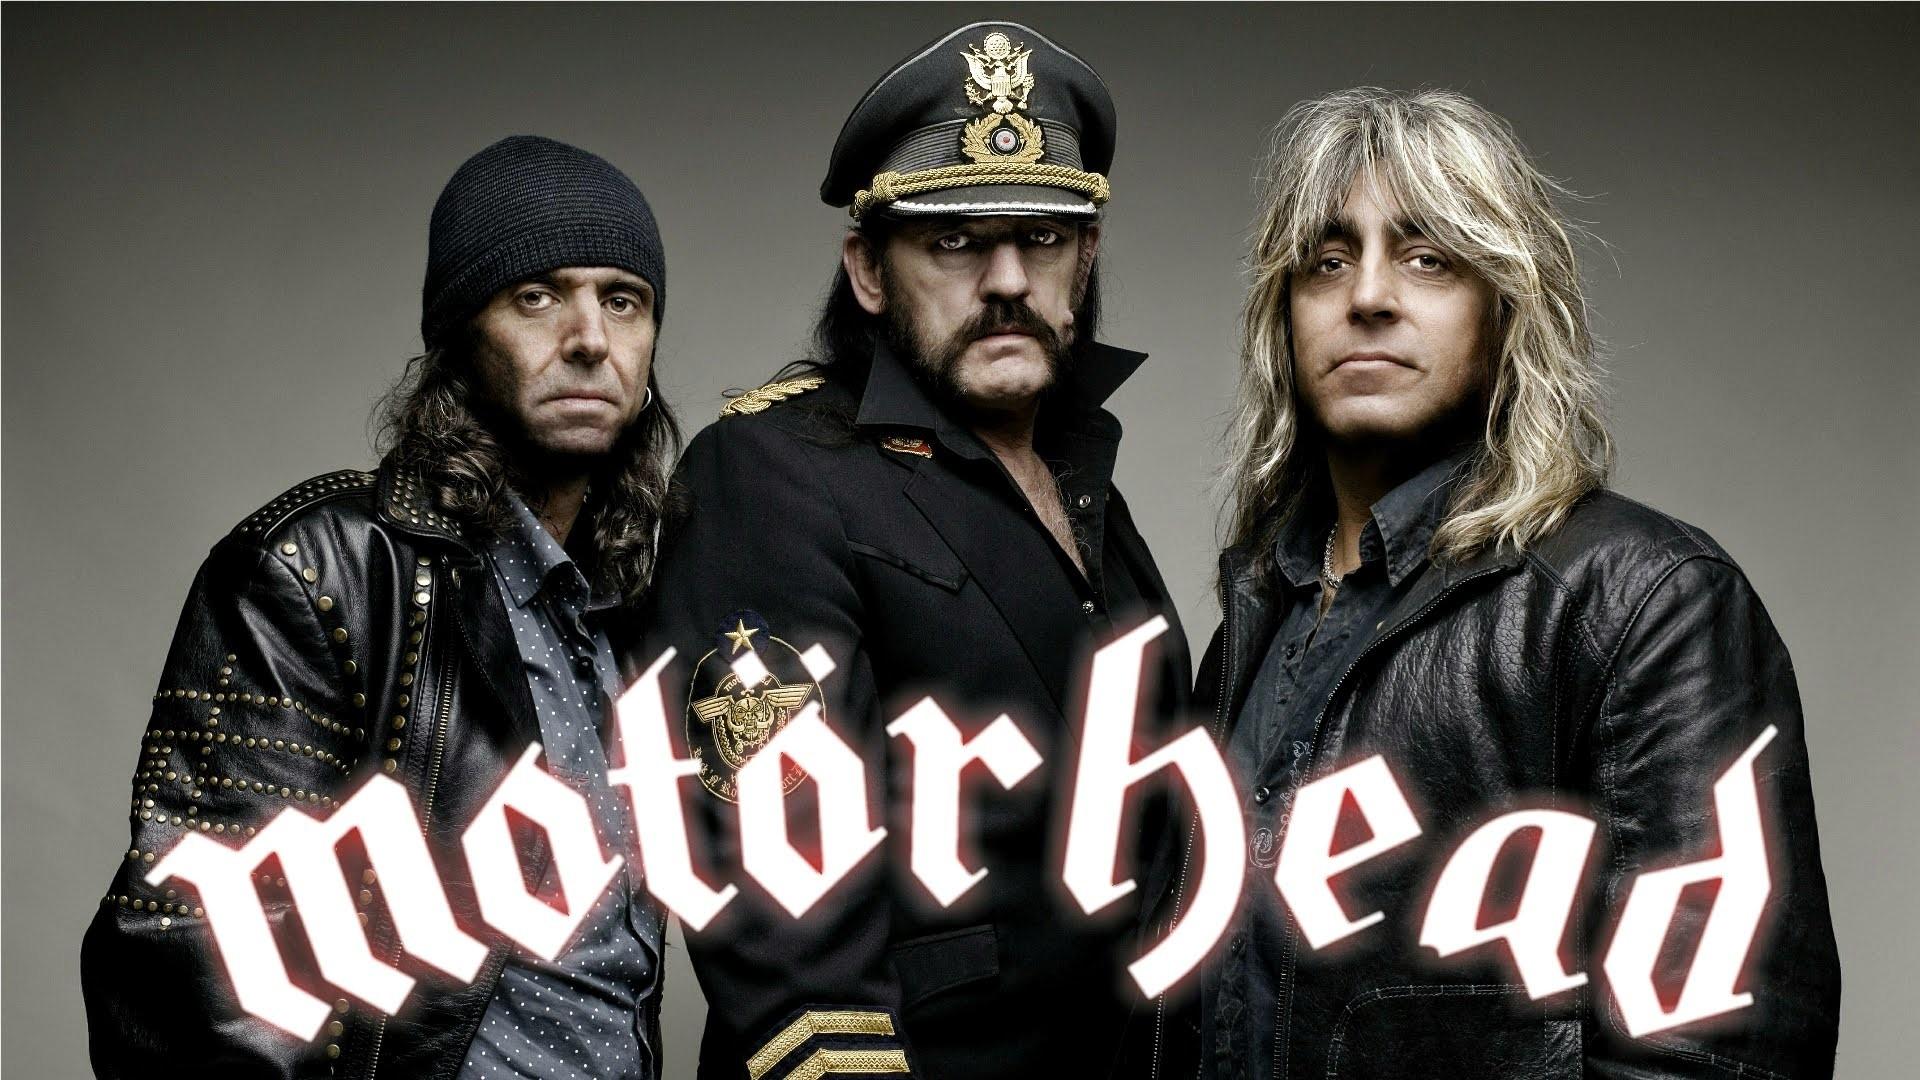 Lemmy Kilmister Rock Music Motorhead Wallpaper Hd: Motorhead Wallpapers ·①